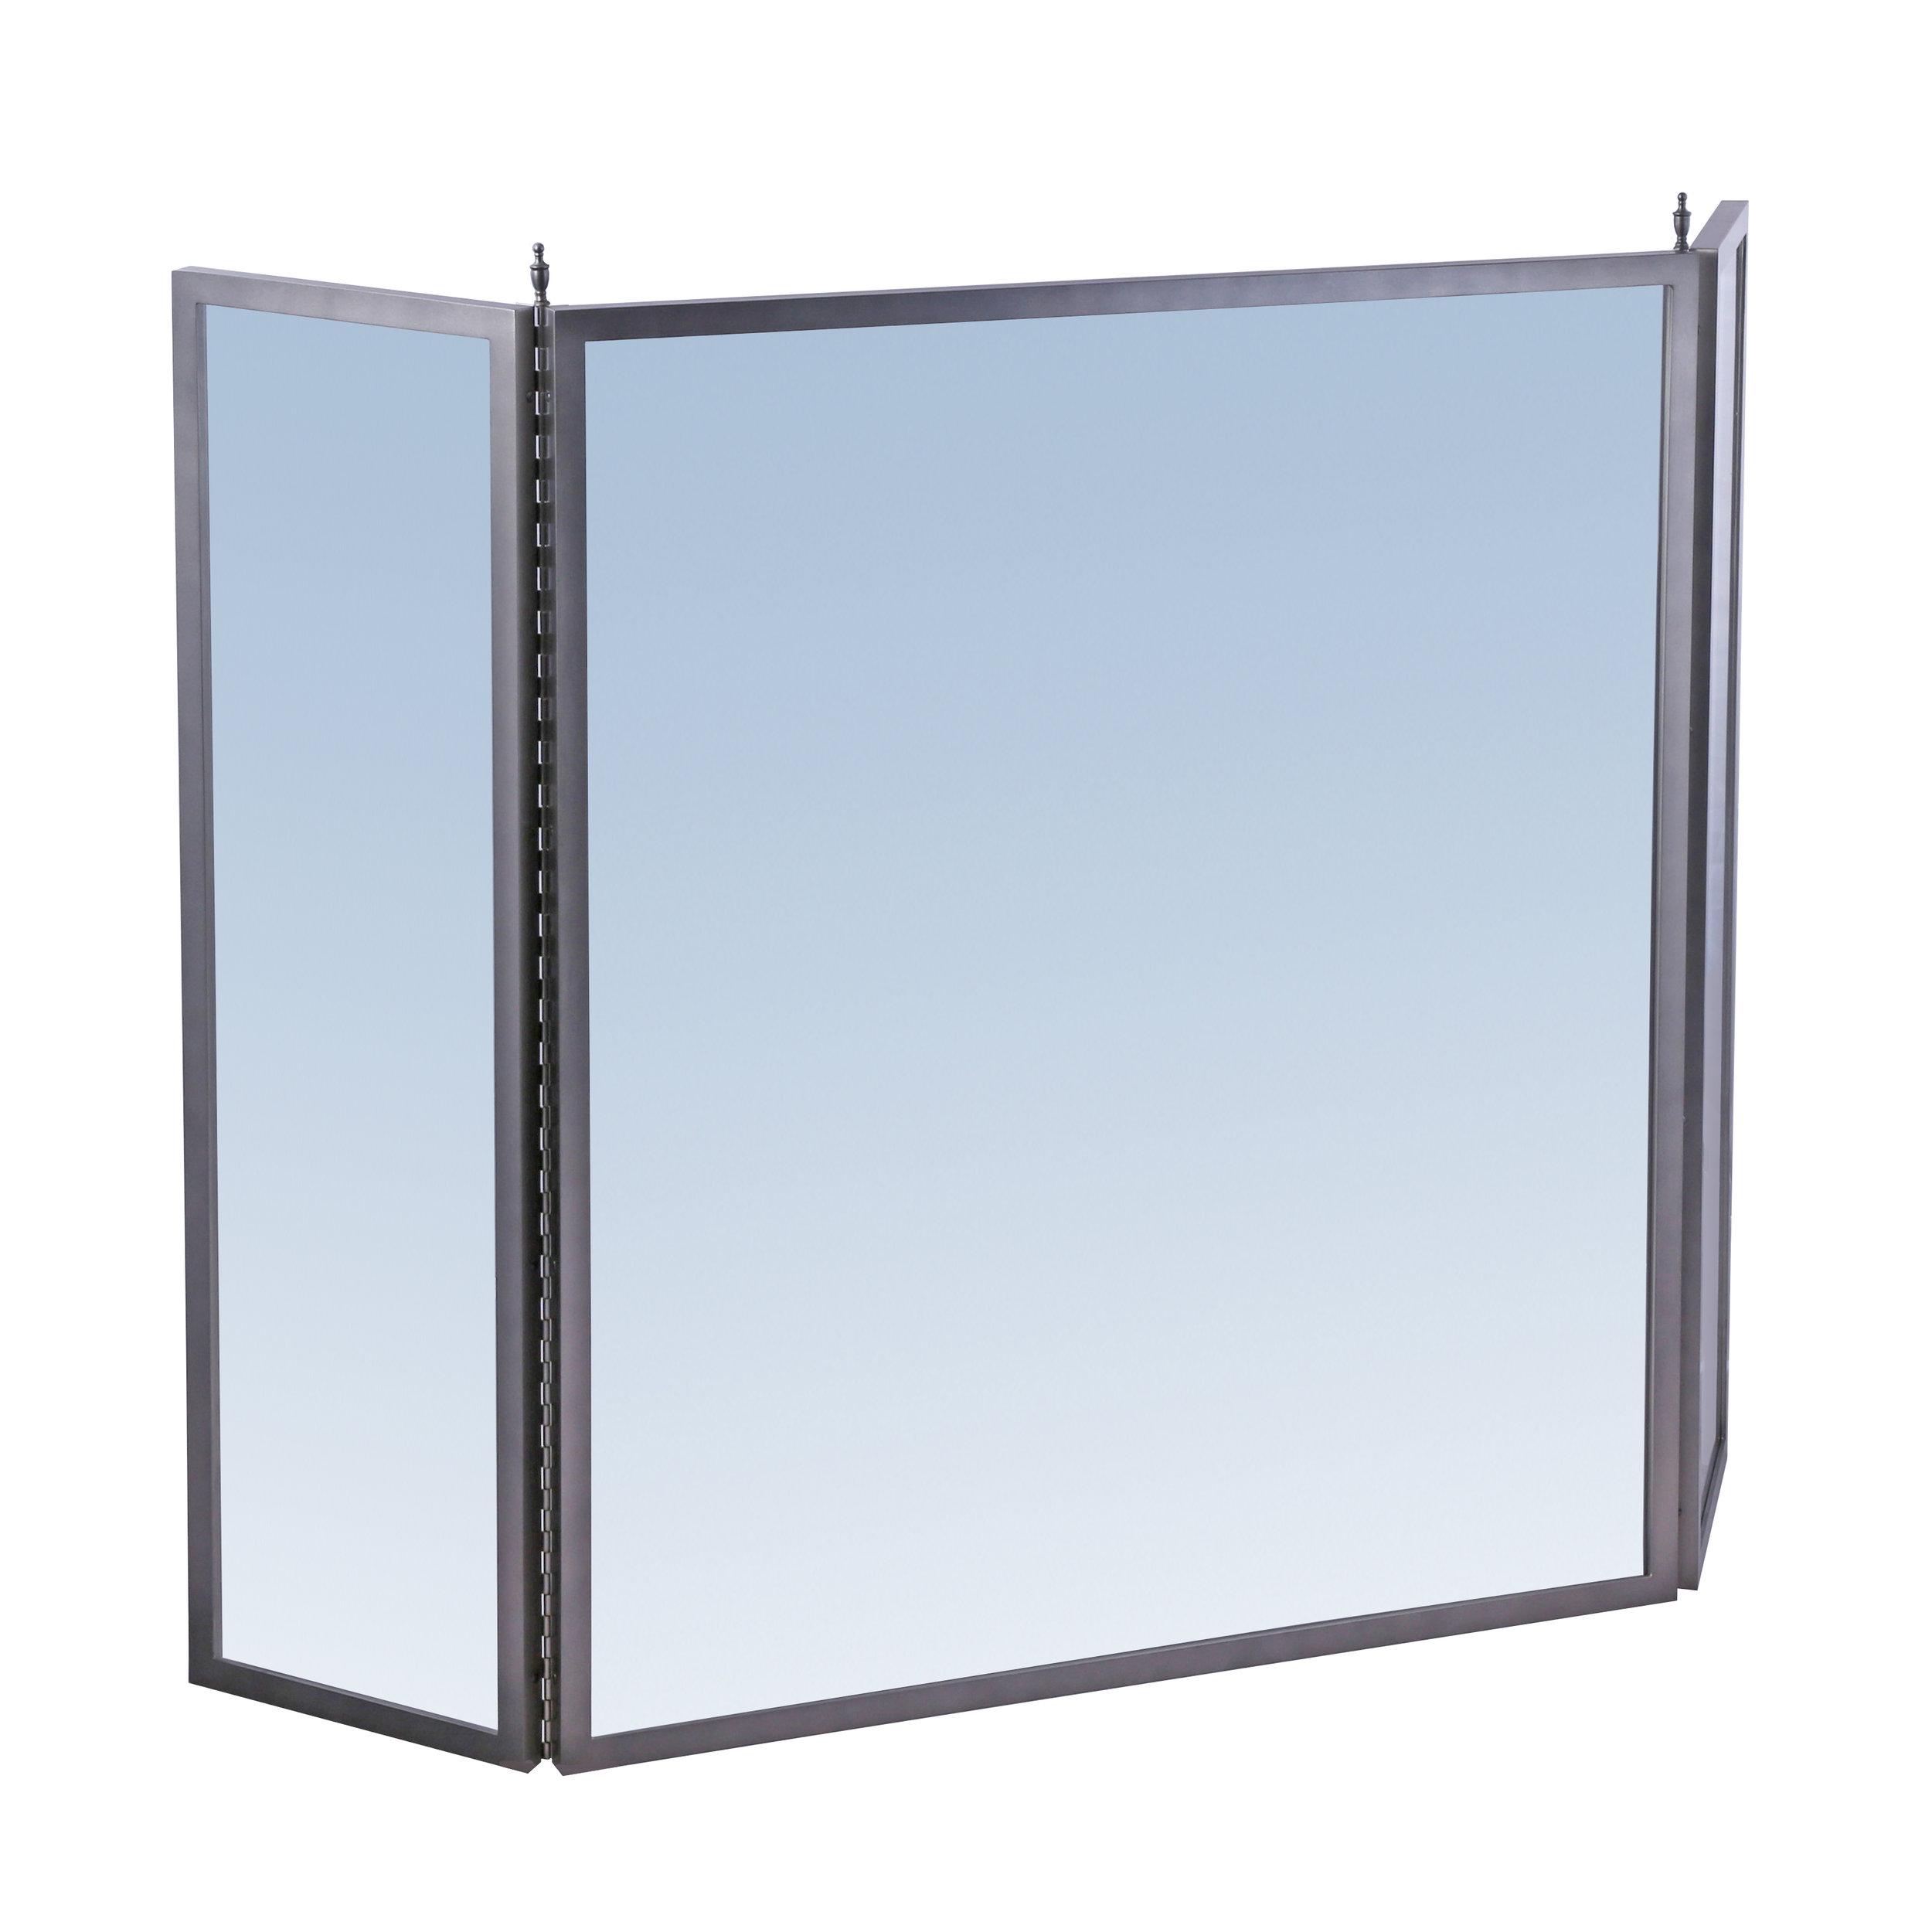 6313 Glass.jpg